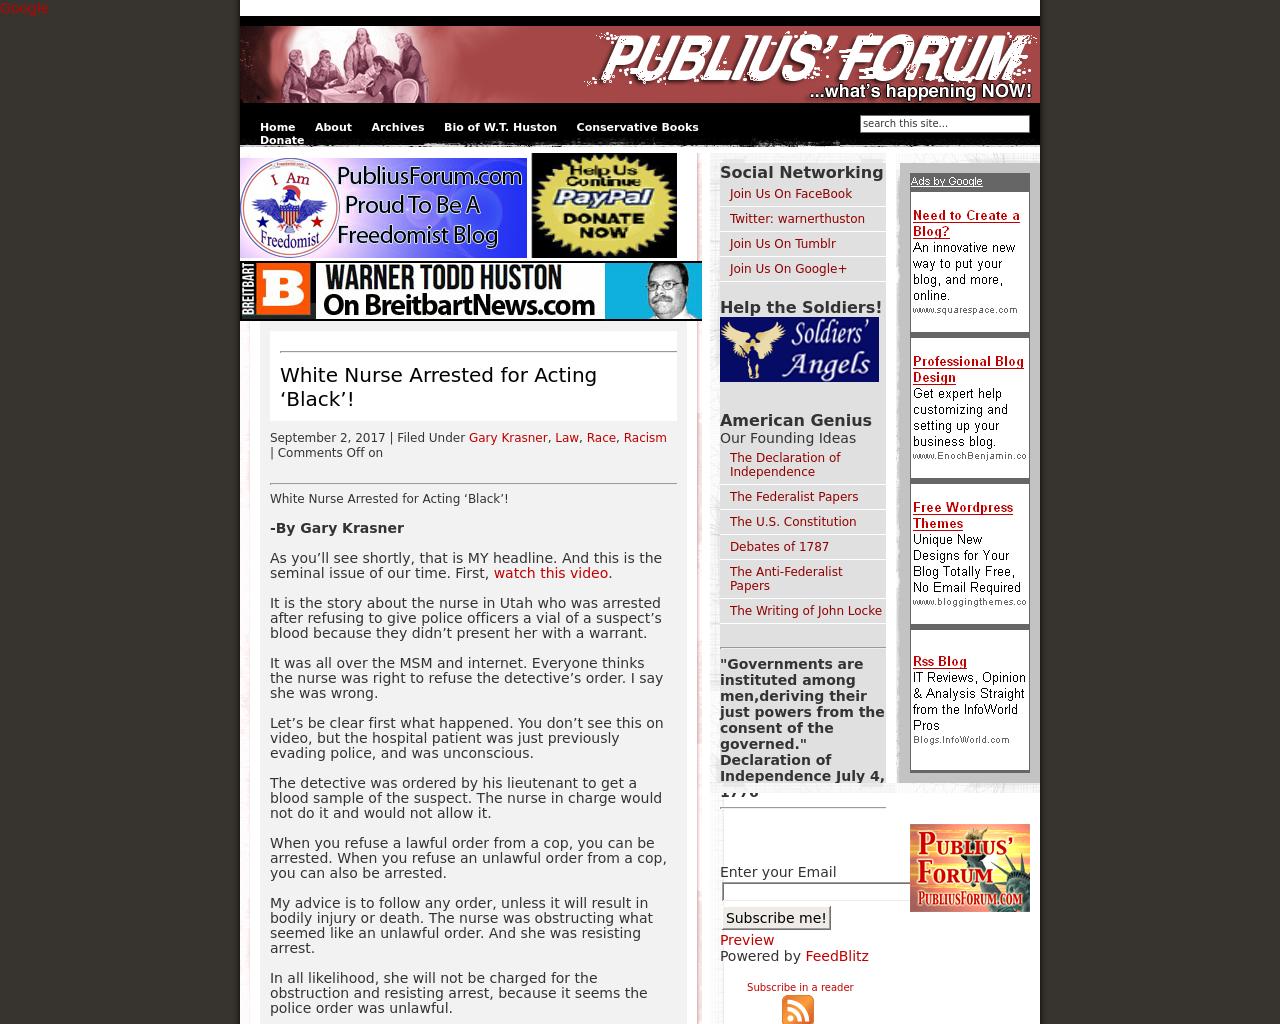 Publius-Forum-Advertising-Reviews-Pricing